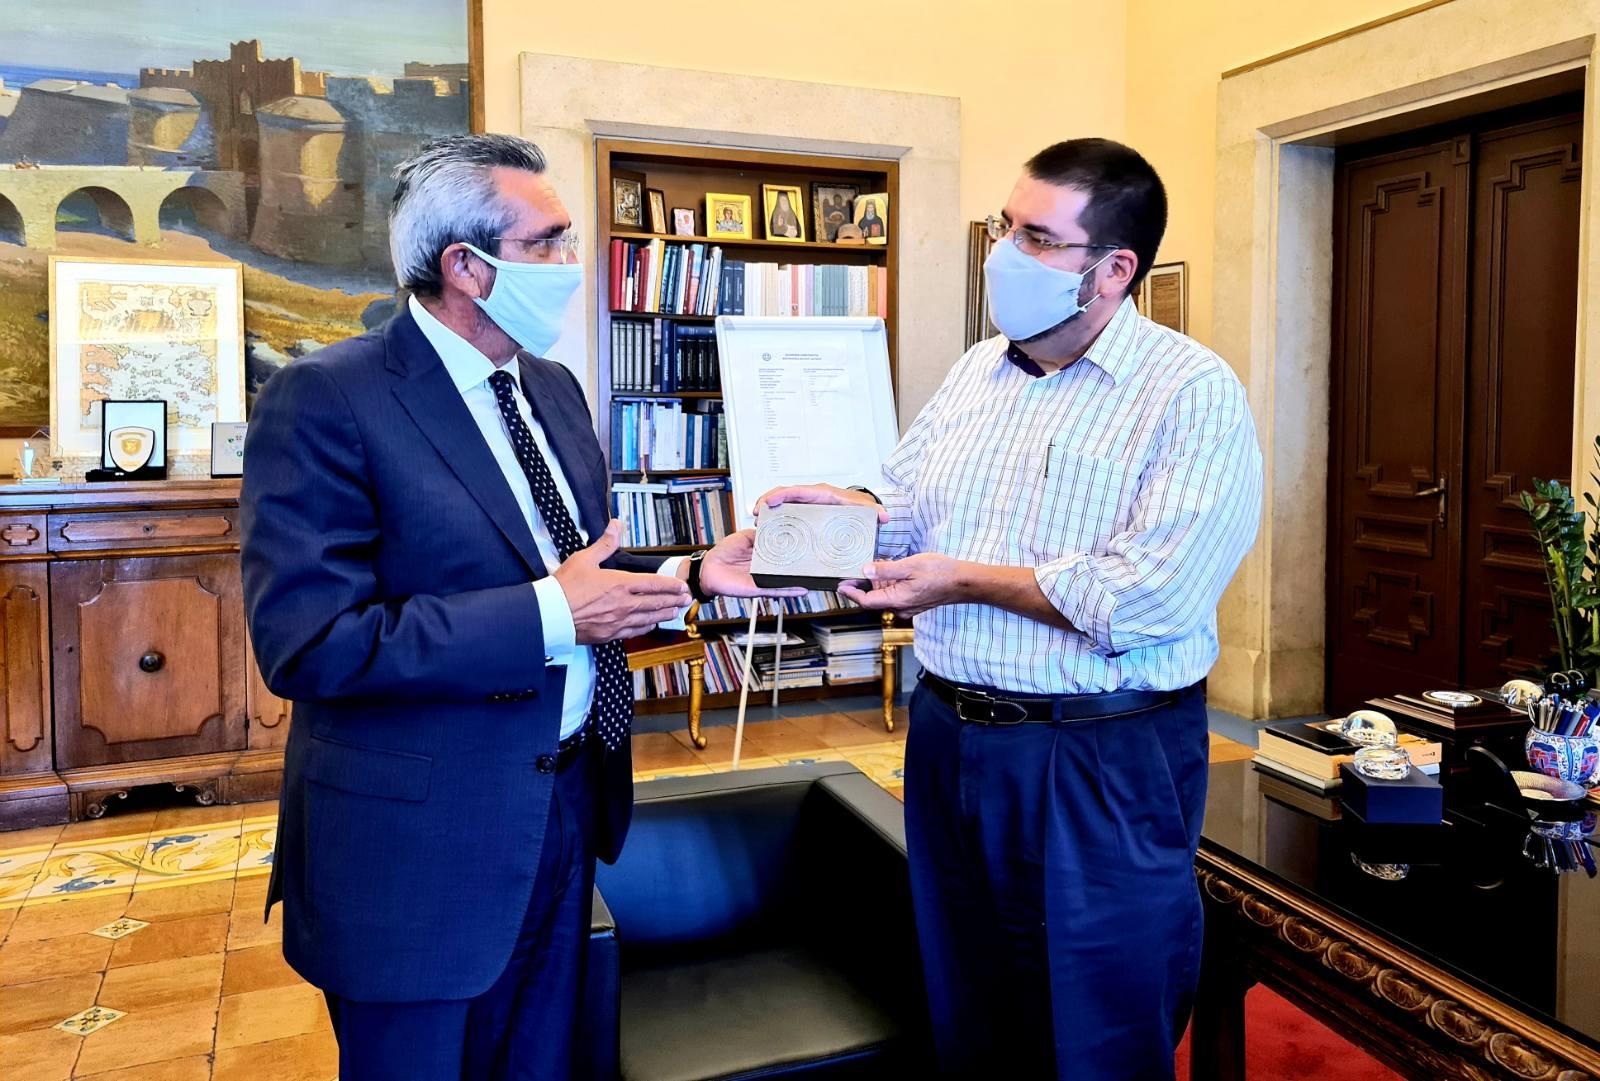 Εθιμοτυπική συνάντηση του Επιτετραμμένου στην Πρεσβεία των Η.Π.Α. στην Αθήνα, David Burger, με τον Περιφερειάρχη Γιώργο Χατζημάρκο